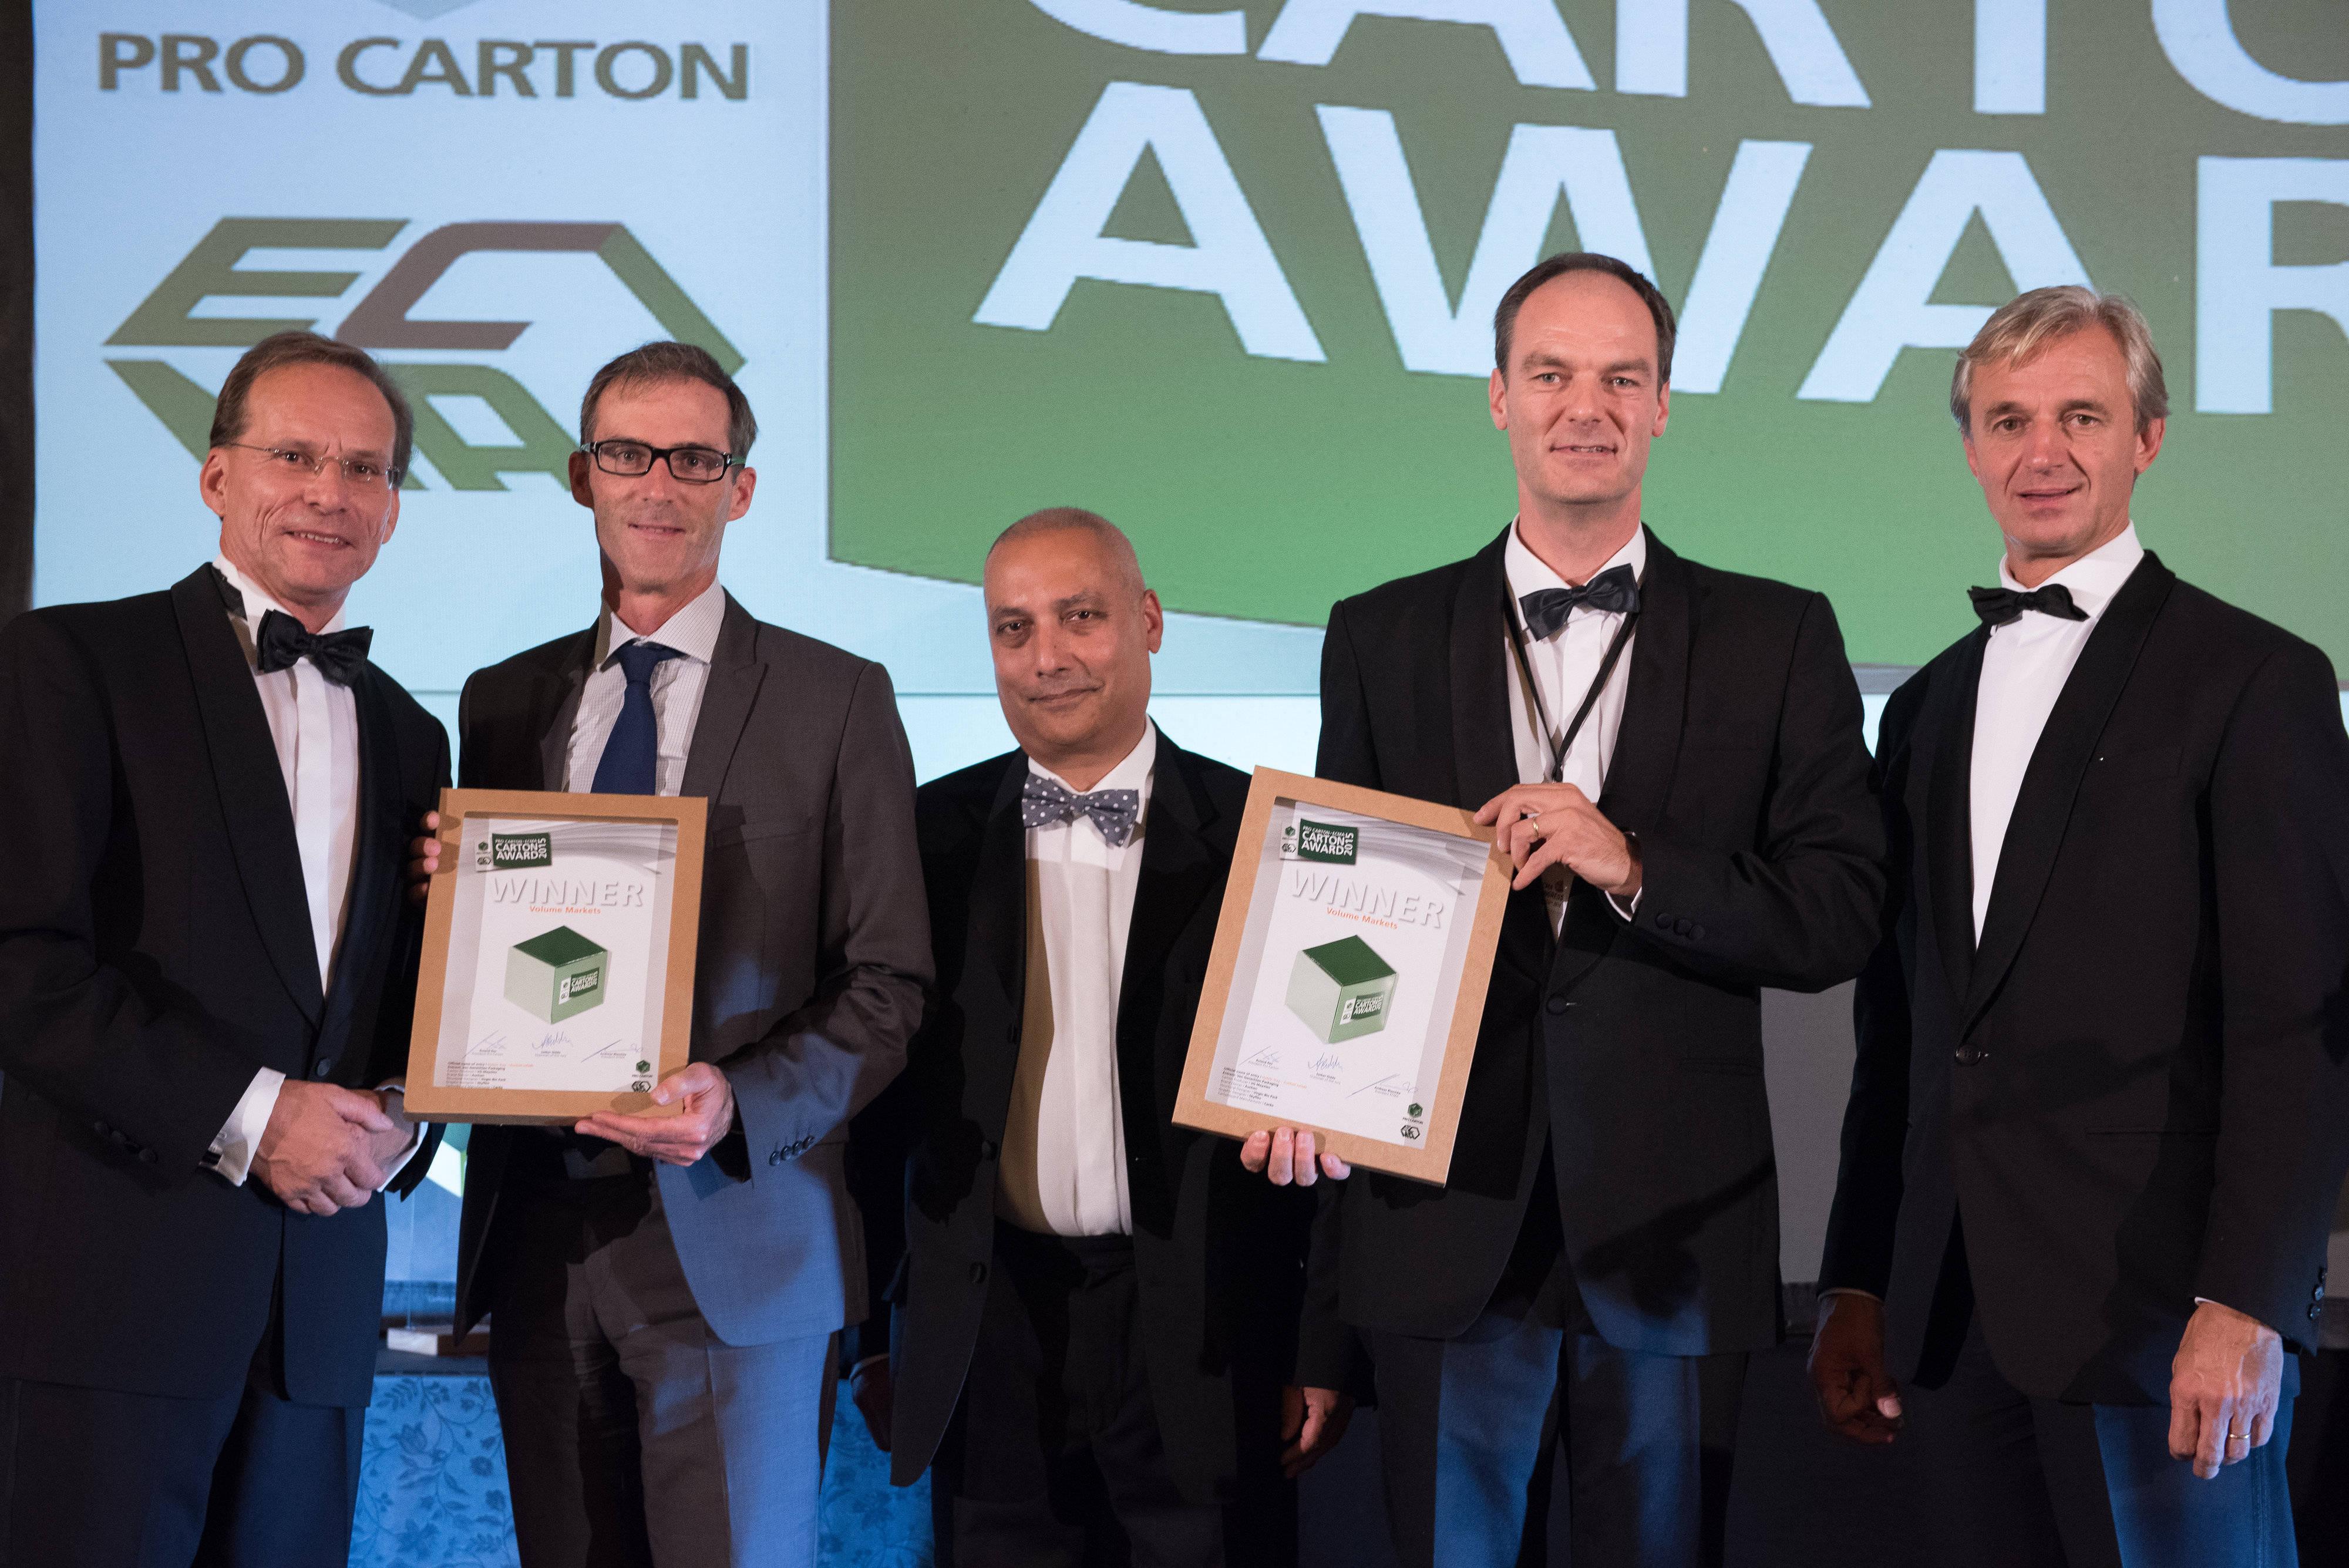 Pro Carton ECMA Award Gala 2015 40